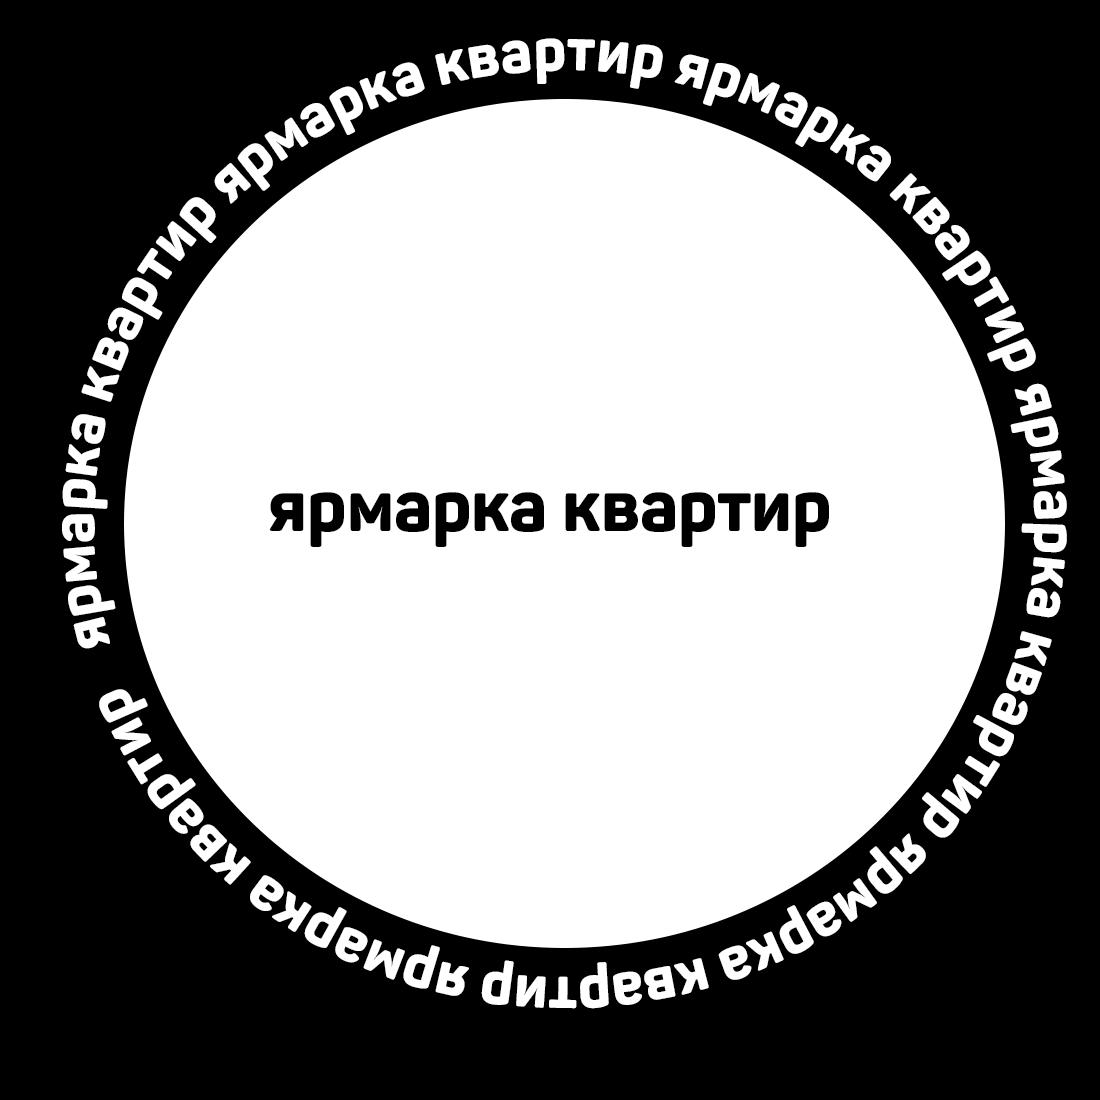 Создание логотипа, с вариантами для визитки и листовки фото f_84360040f8a58e43.png